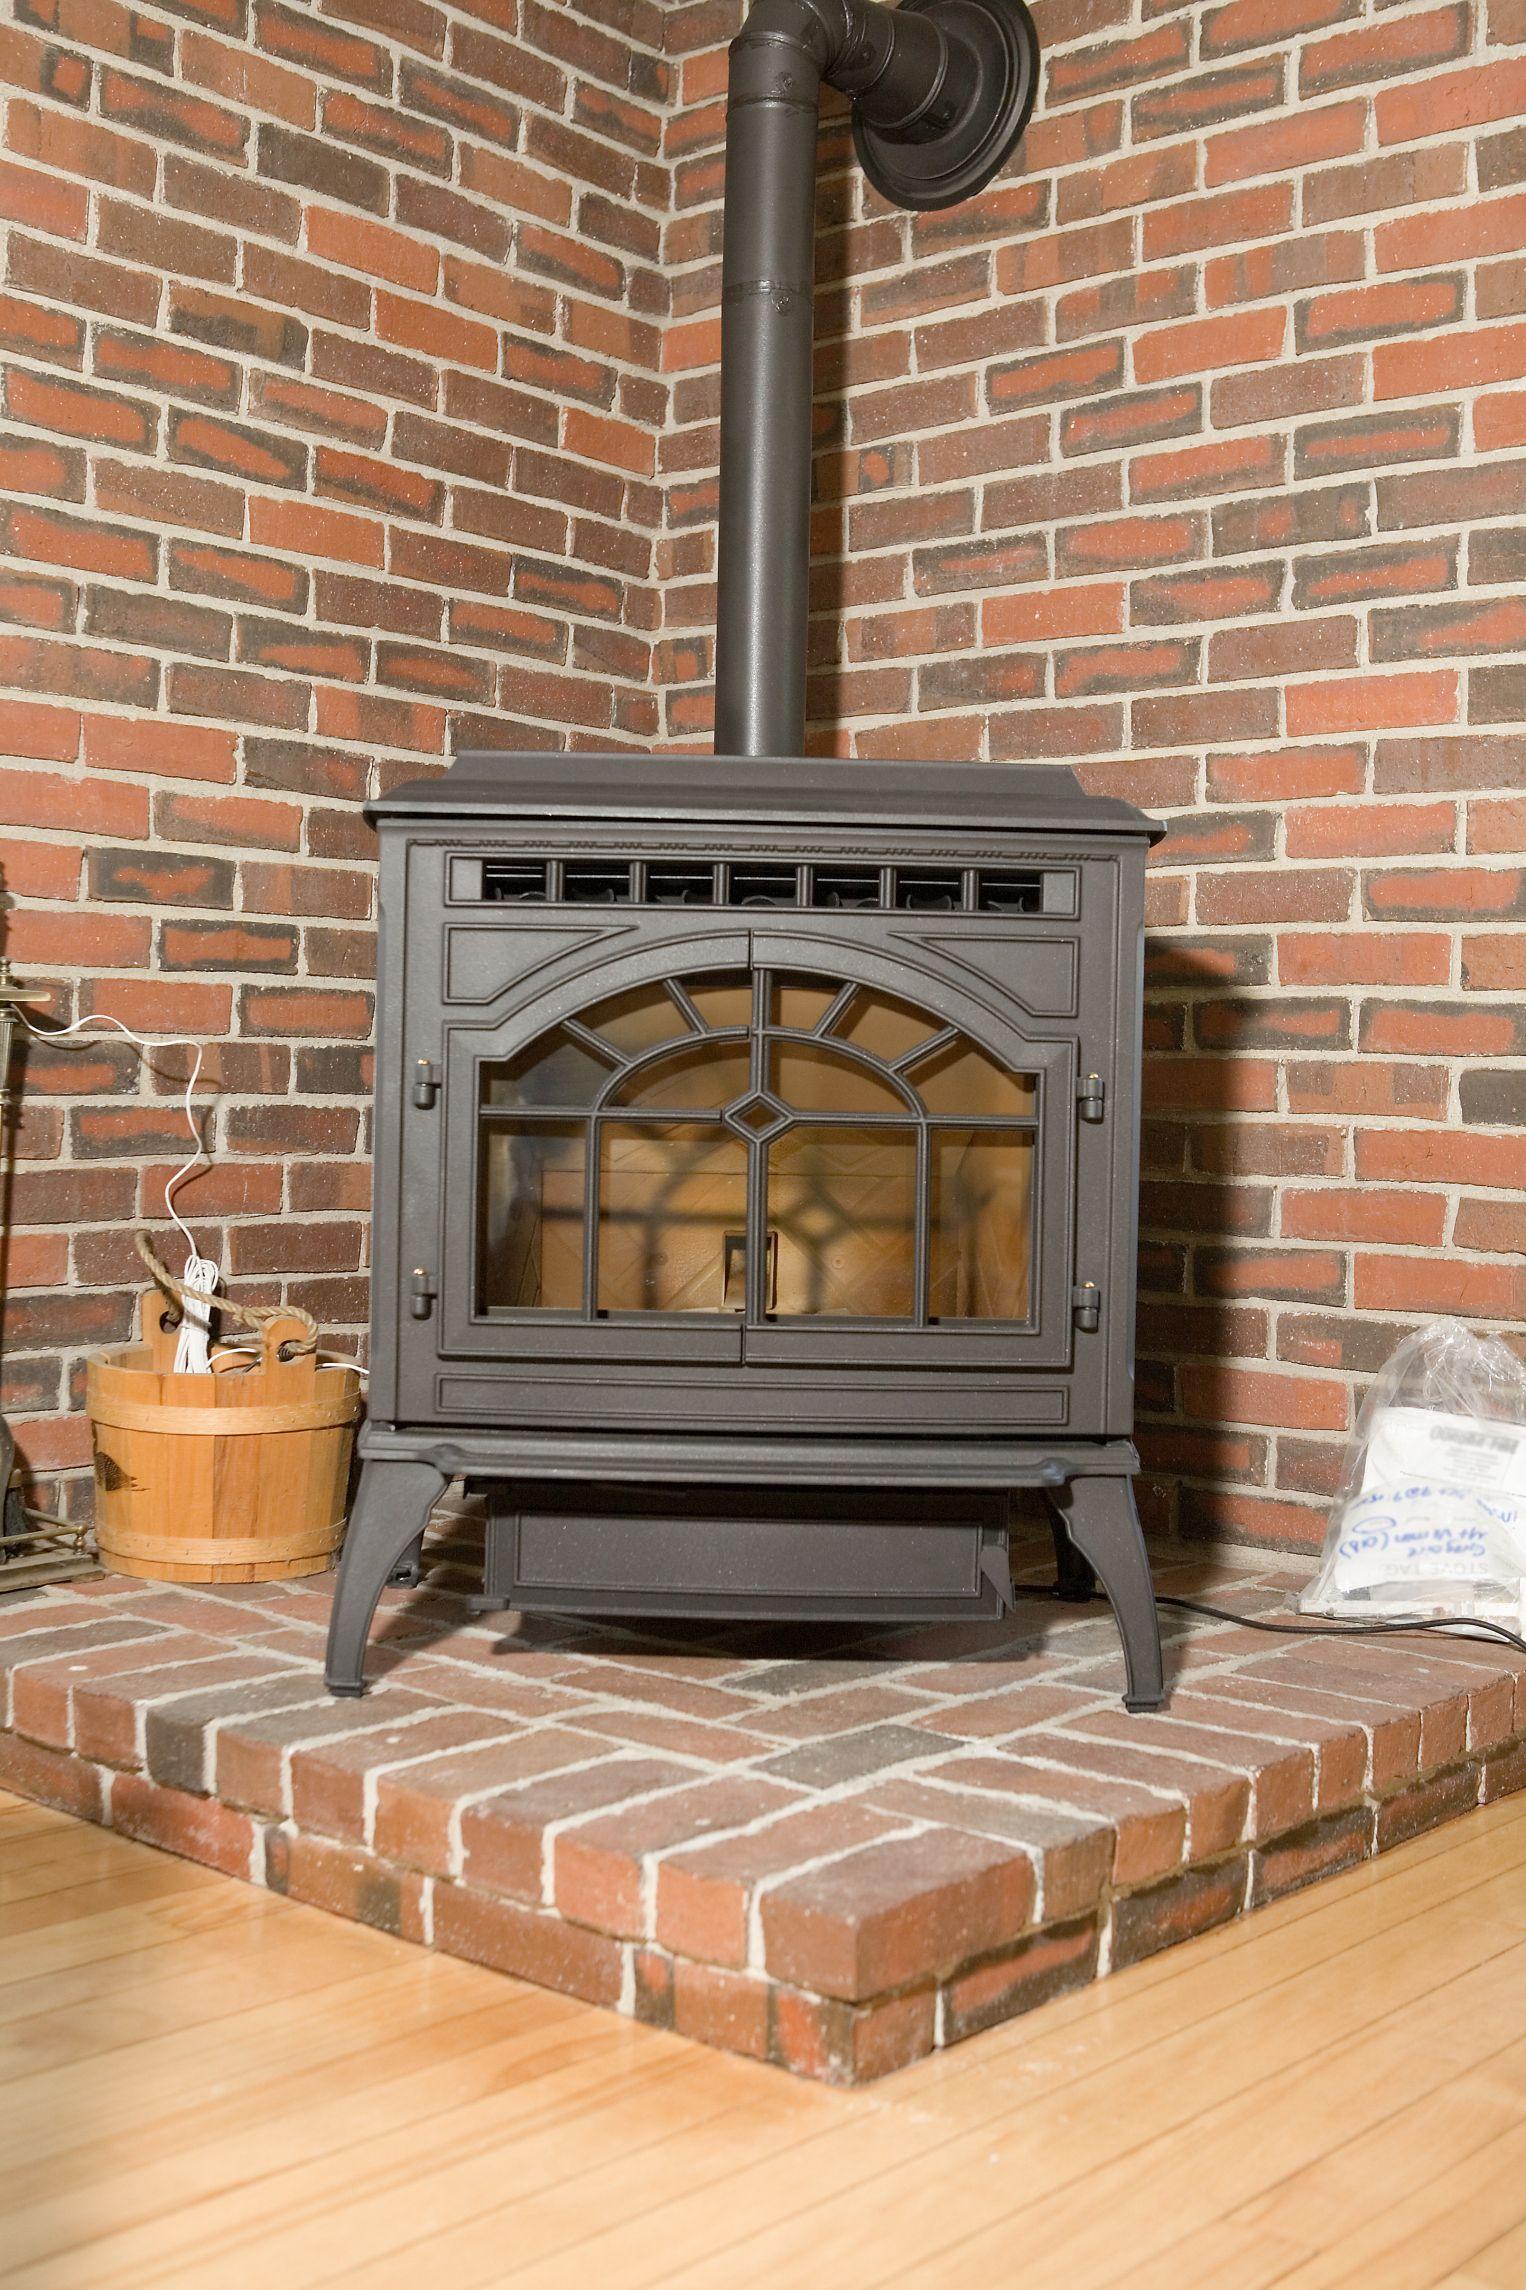 Pasos cronol gicos para la construcci n de una casa chimeneas estufas hogar hogar y chimeneas - Como disenar una chimenea de lena ...